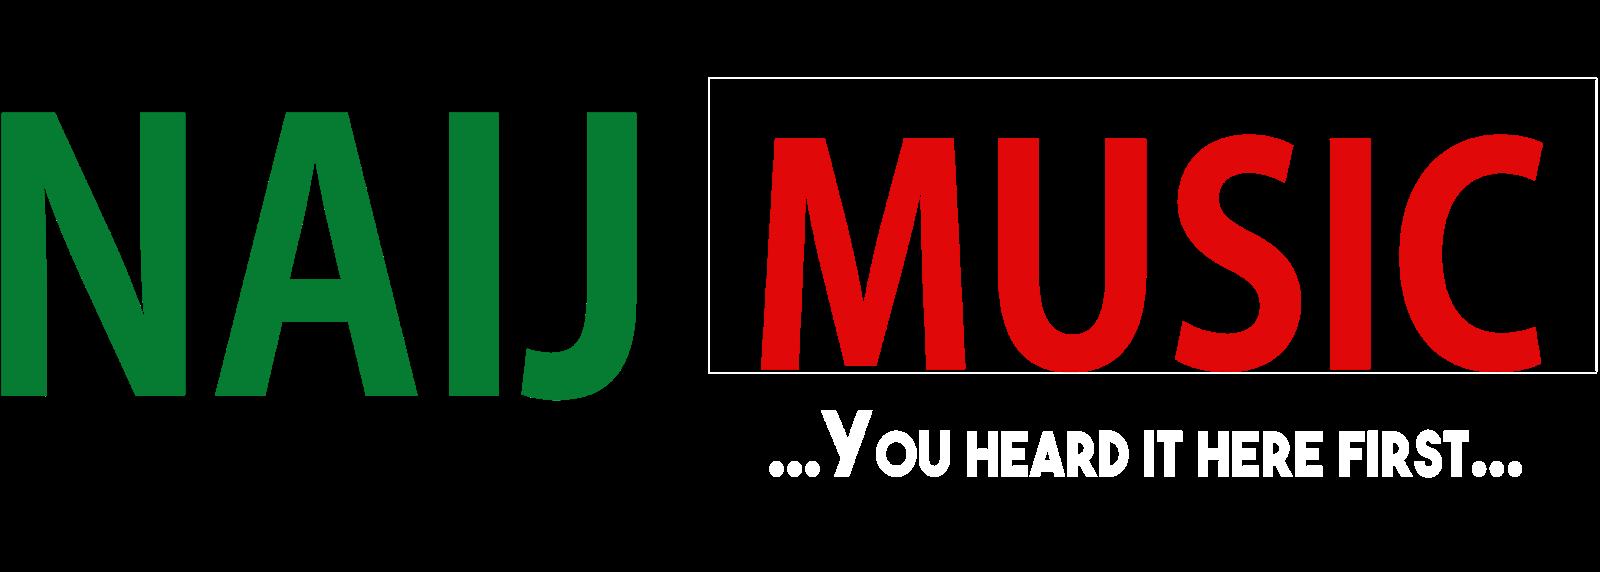 NAIJ MUSIC